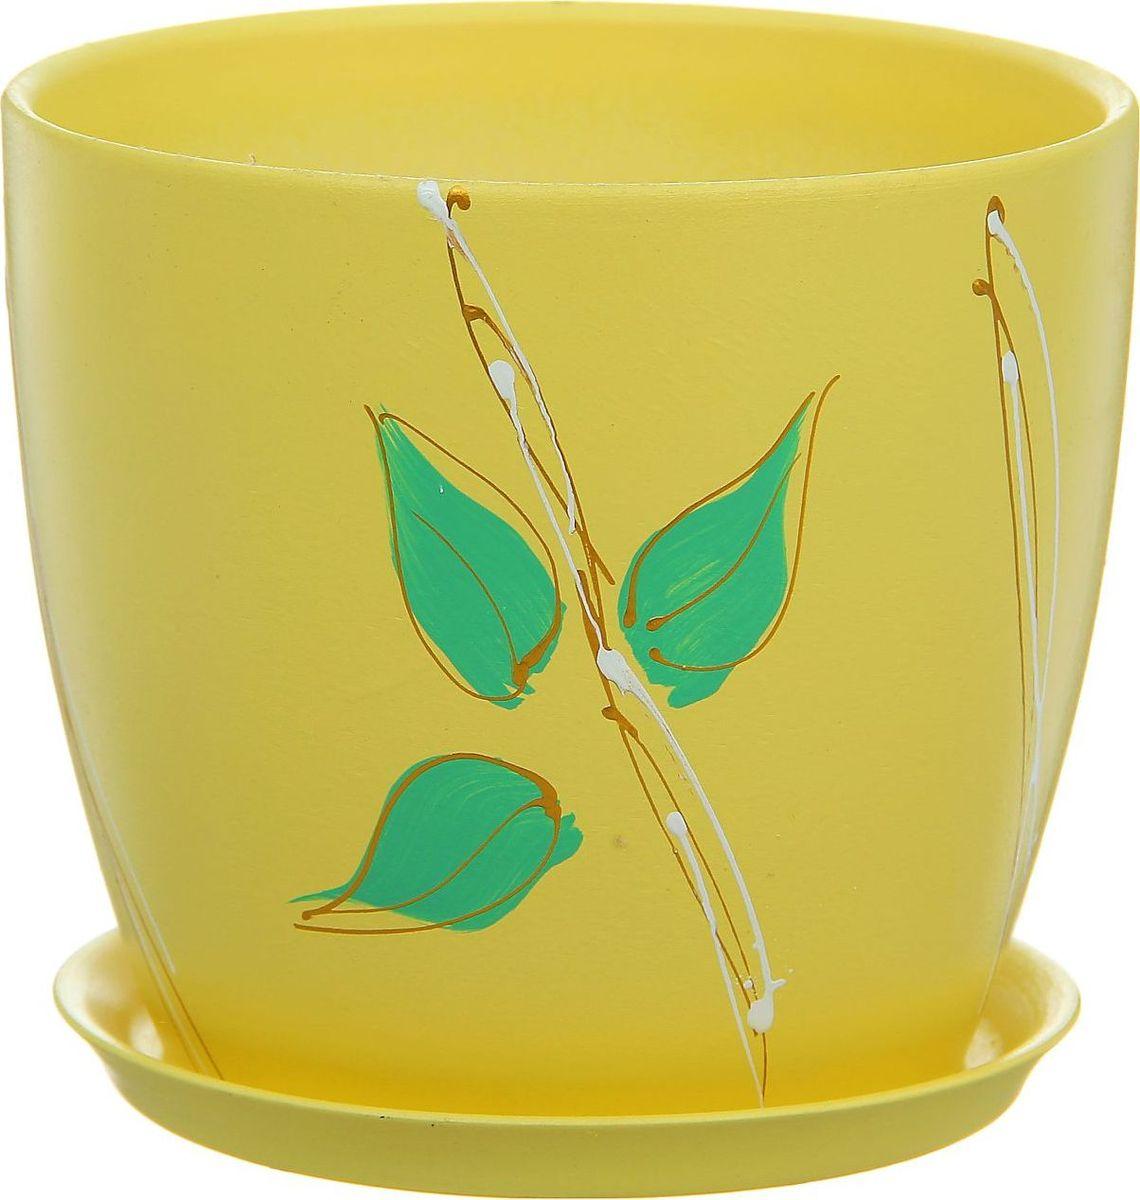 Кашпо Керамика ручной работы Осень. Роспись, цвет: желтый, 3 л43890Комнатные растения — всеобщие любимцы. Они радуют глаз, насыщают помещение кислородом и украшают пространство. Каждому из них необходим свой удобный и красивый дом. Кашпо из керамики прекрасно подходят для высадки растений: за счет пластичности глины и разных способов обработки существует великое множество форм и дизайнов пористый материал позволяет испаряться лишней влаге воздух, необходимый для дыхания корней, проникает сквозь керамические стенки! позаботится о зеленом питомце, освежит интерьер и подчеркнет его стиль.